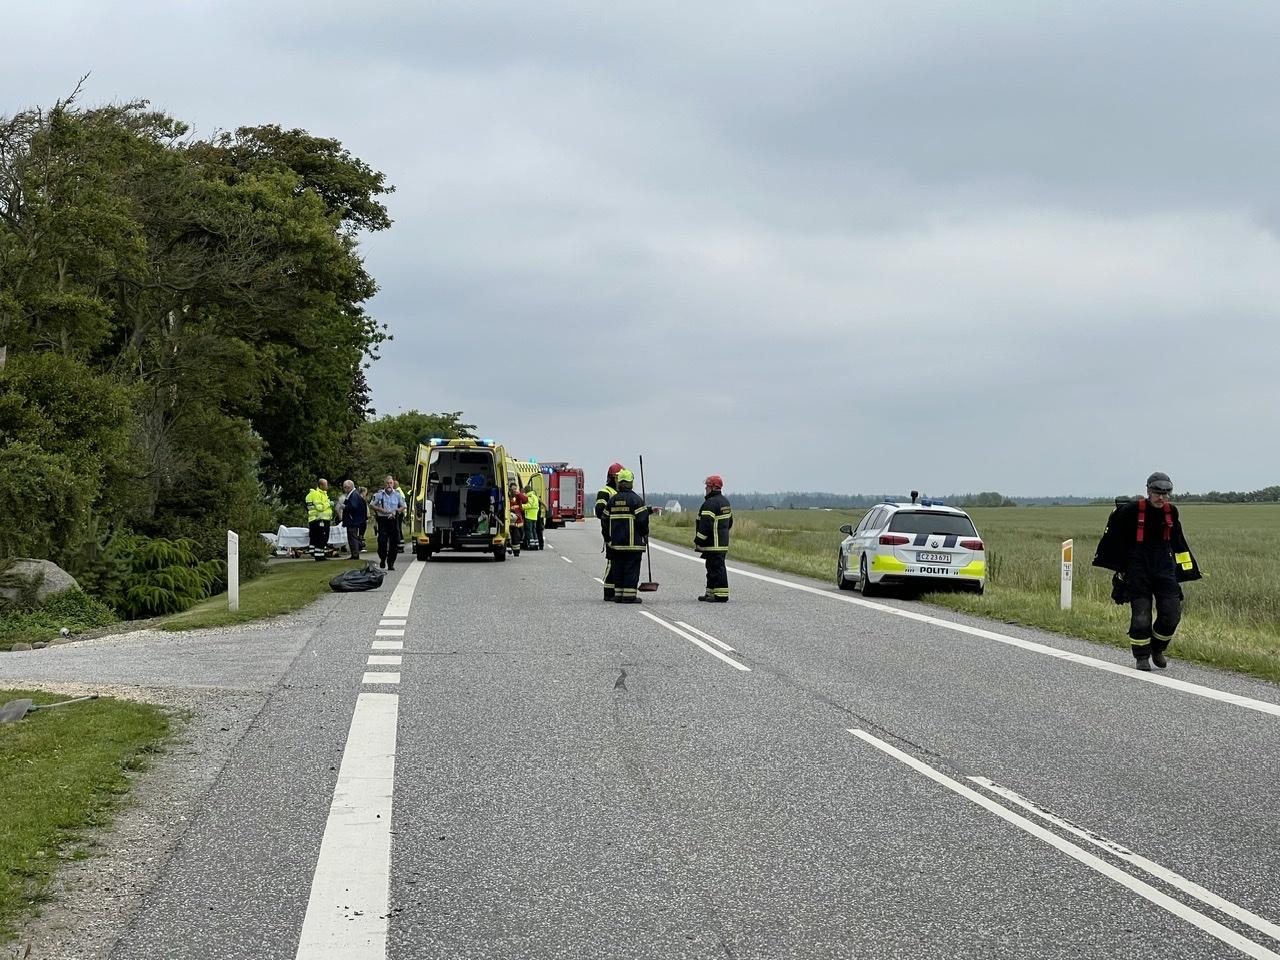 Ulykke spærrer vej i Thisted